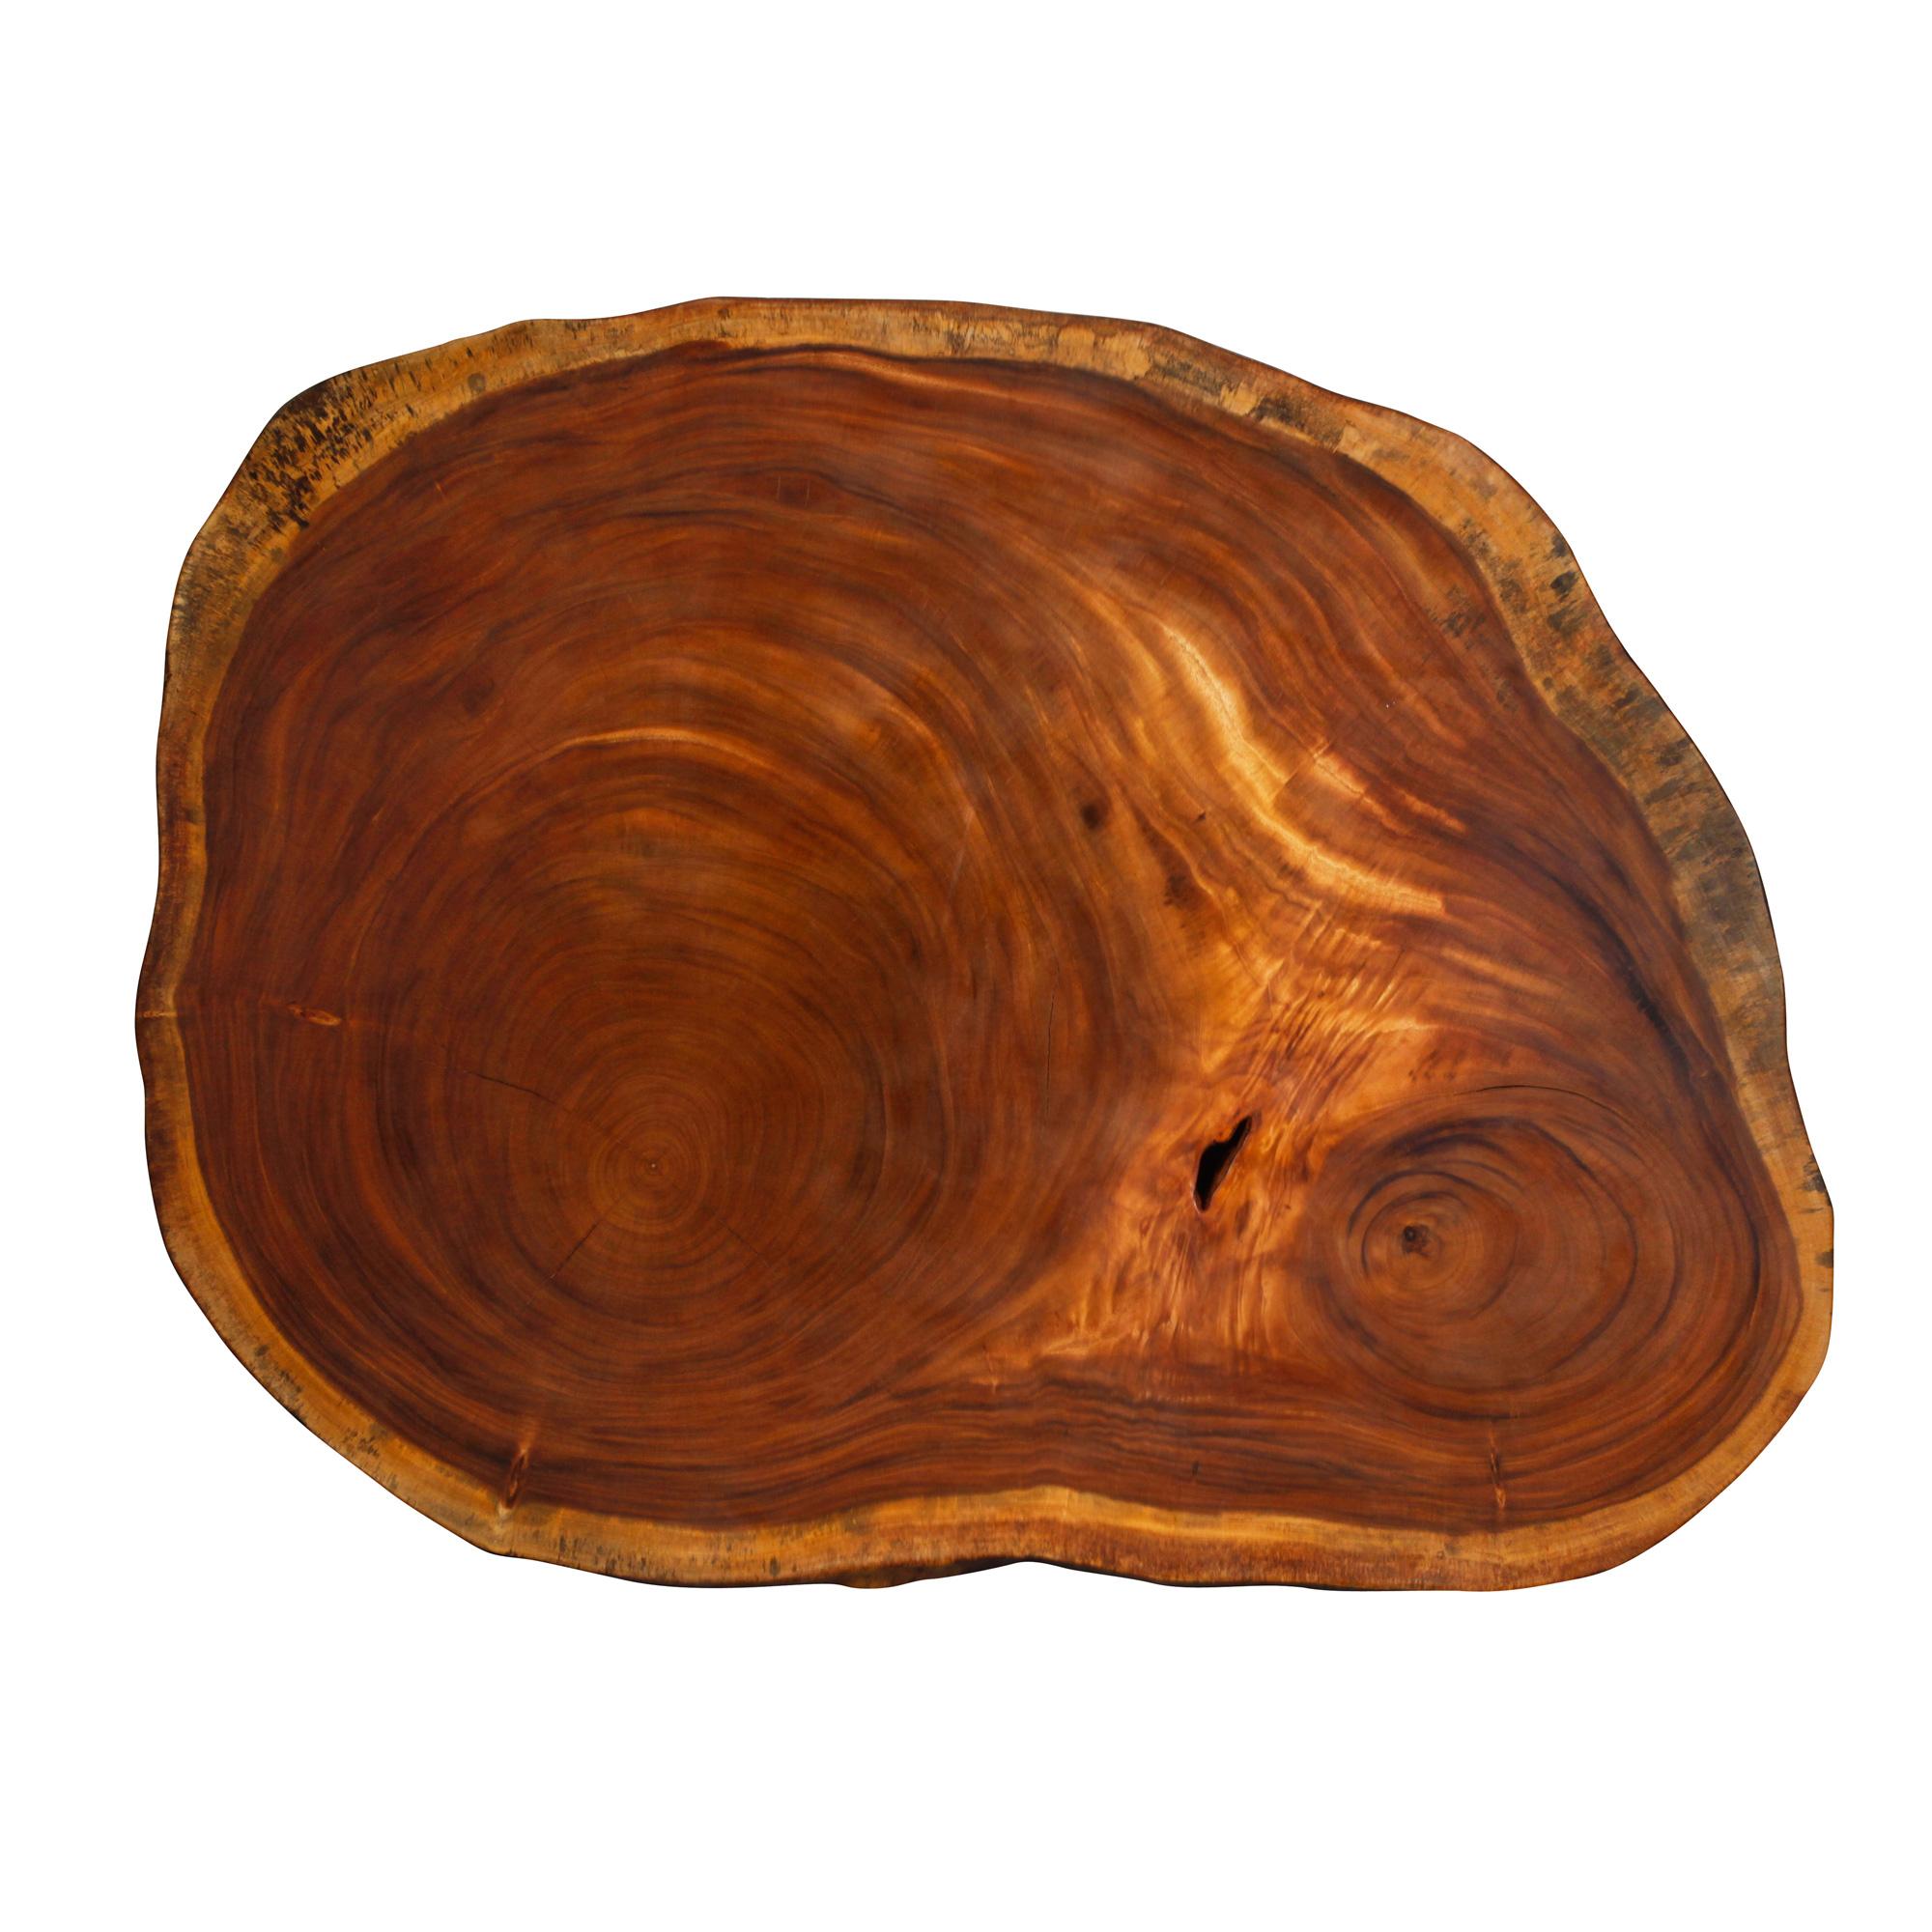 Saman Natural Wood Art - R2